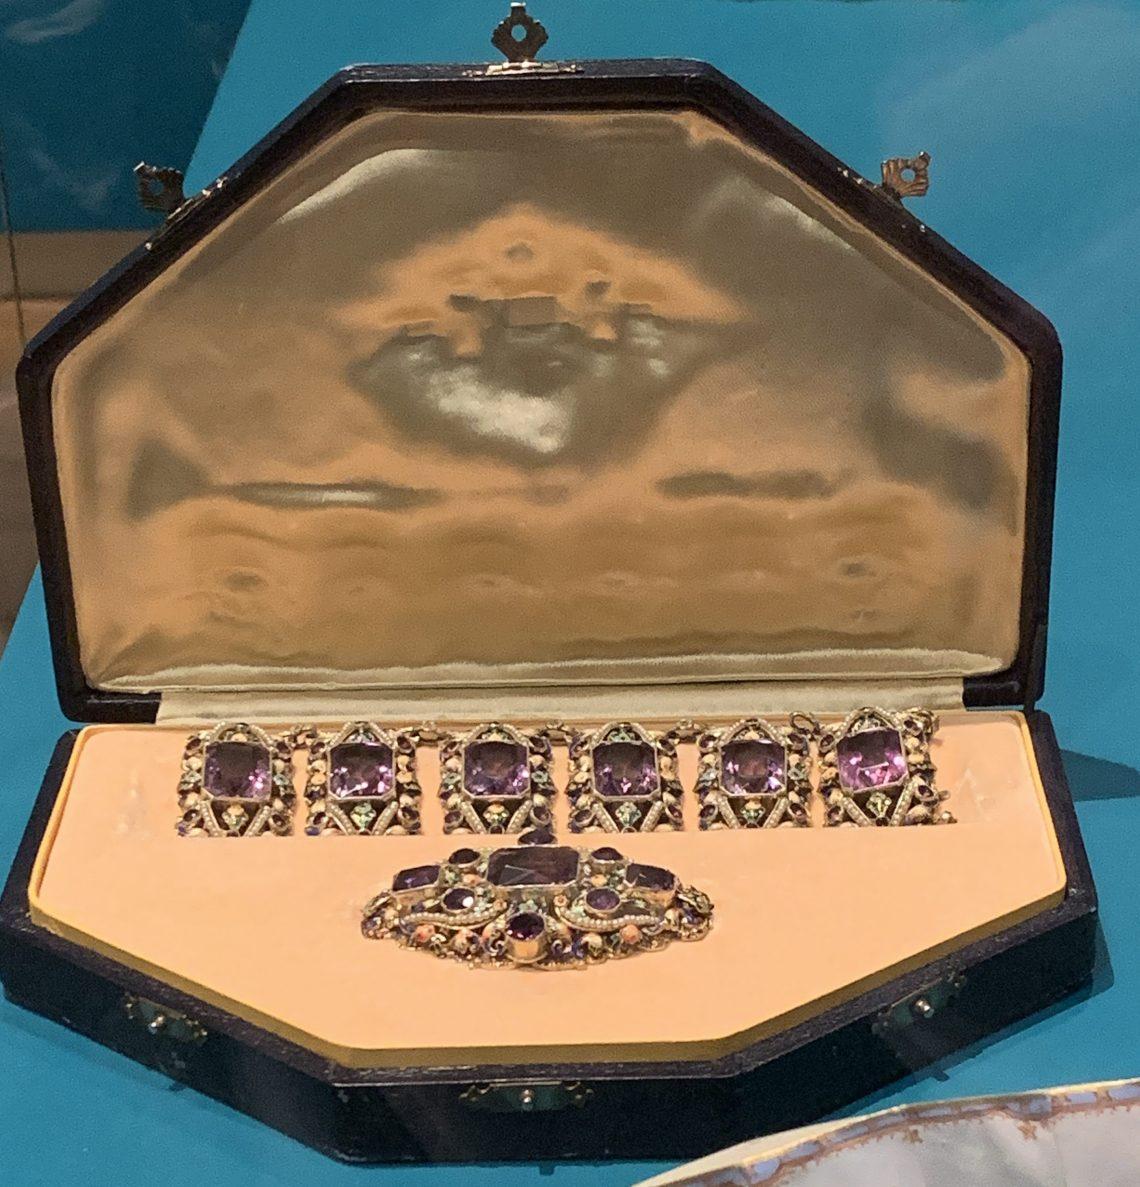 Juwelen! Hermitage Amsterdam, 2019. Armband en broche, circa 1875. Foto met dank aan SAF, Astrid Berens©